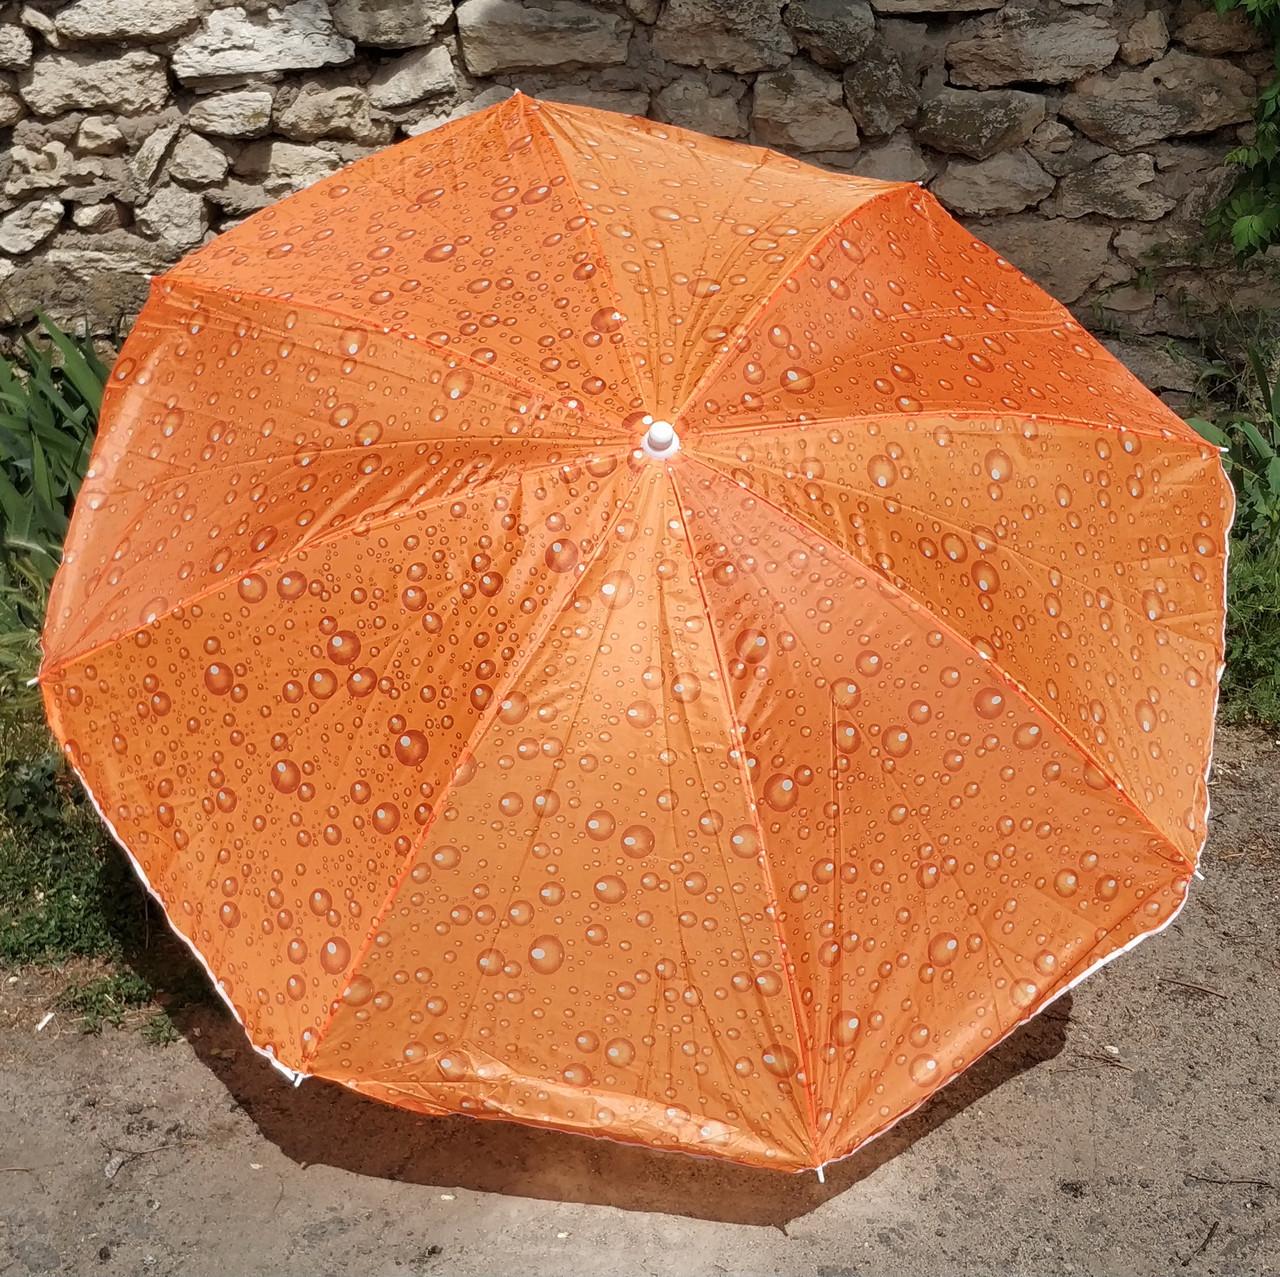 Большой пляжный зонт зонтик 150 см диаметр 180 см высоты оранжевый